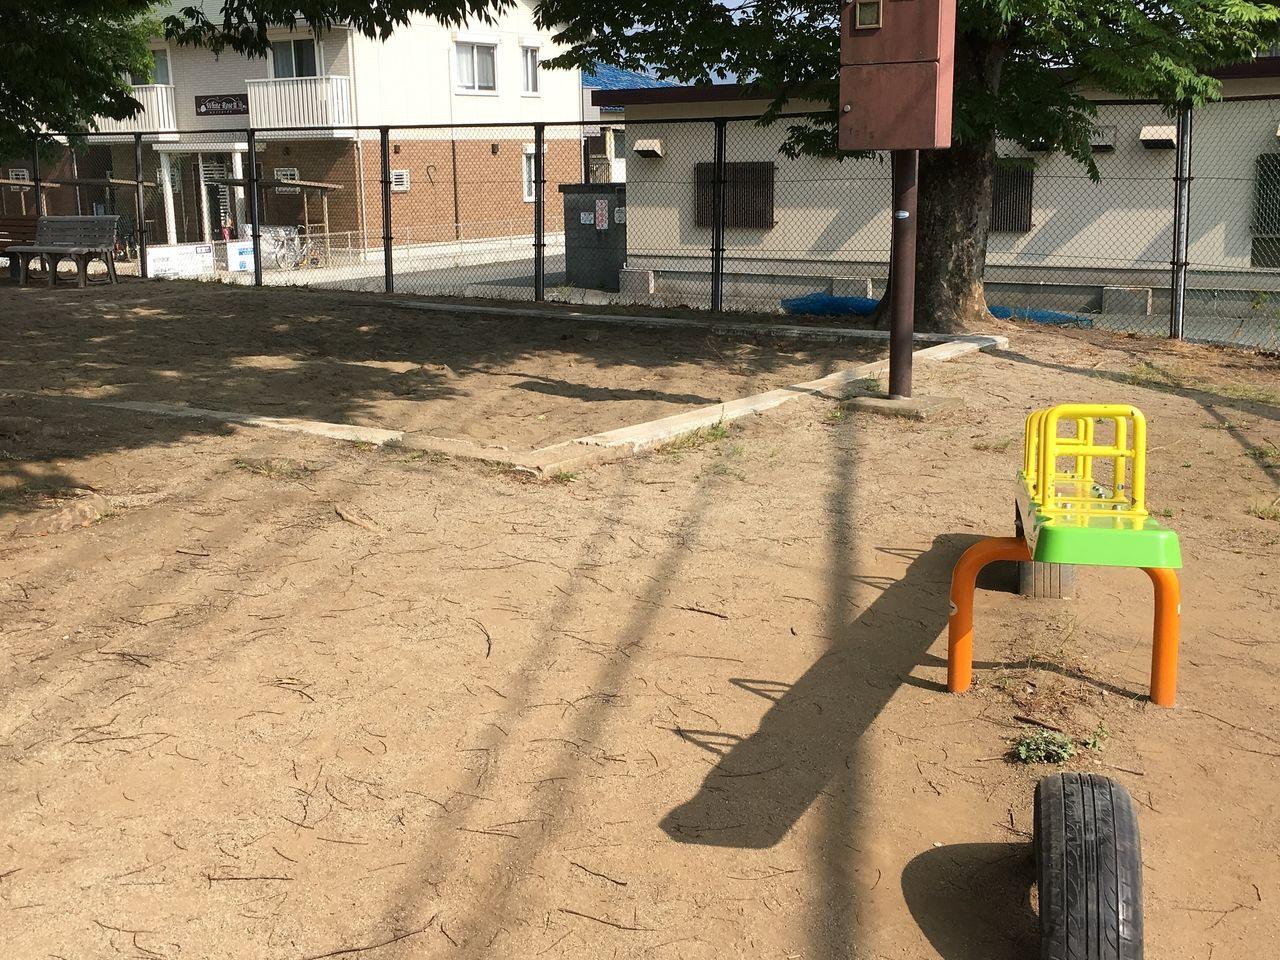 熊本市東区にある秋津東公園の砂場